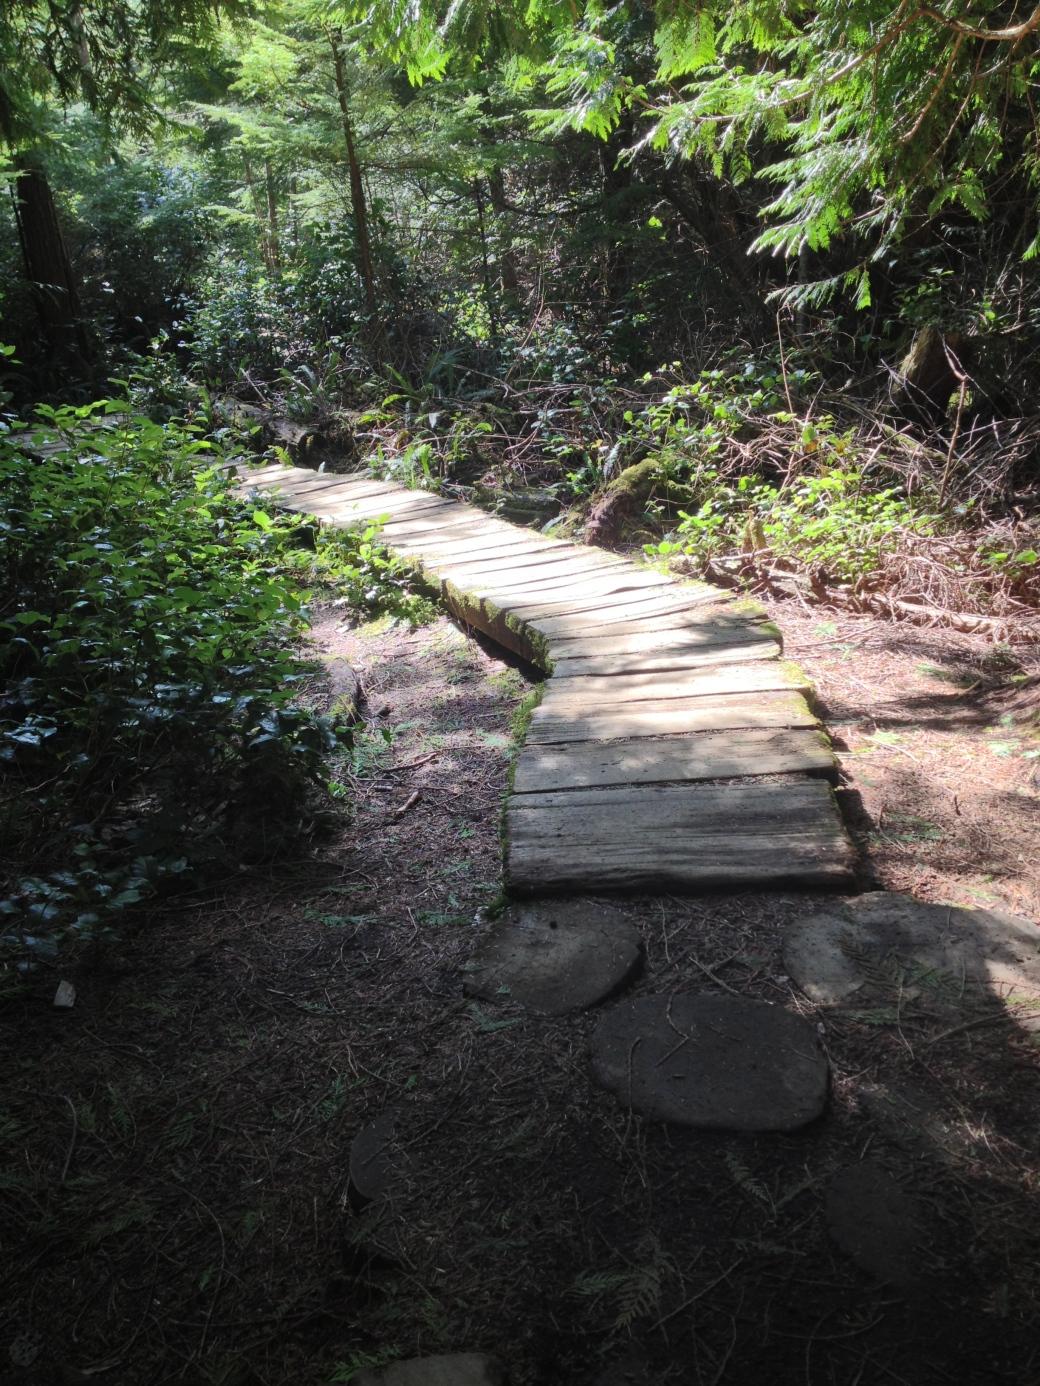 Boardwalk on trail - Cape Flattery trail, Neah Bay, WA